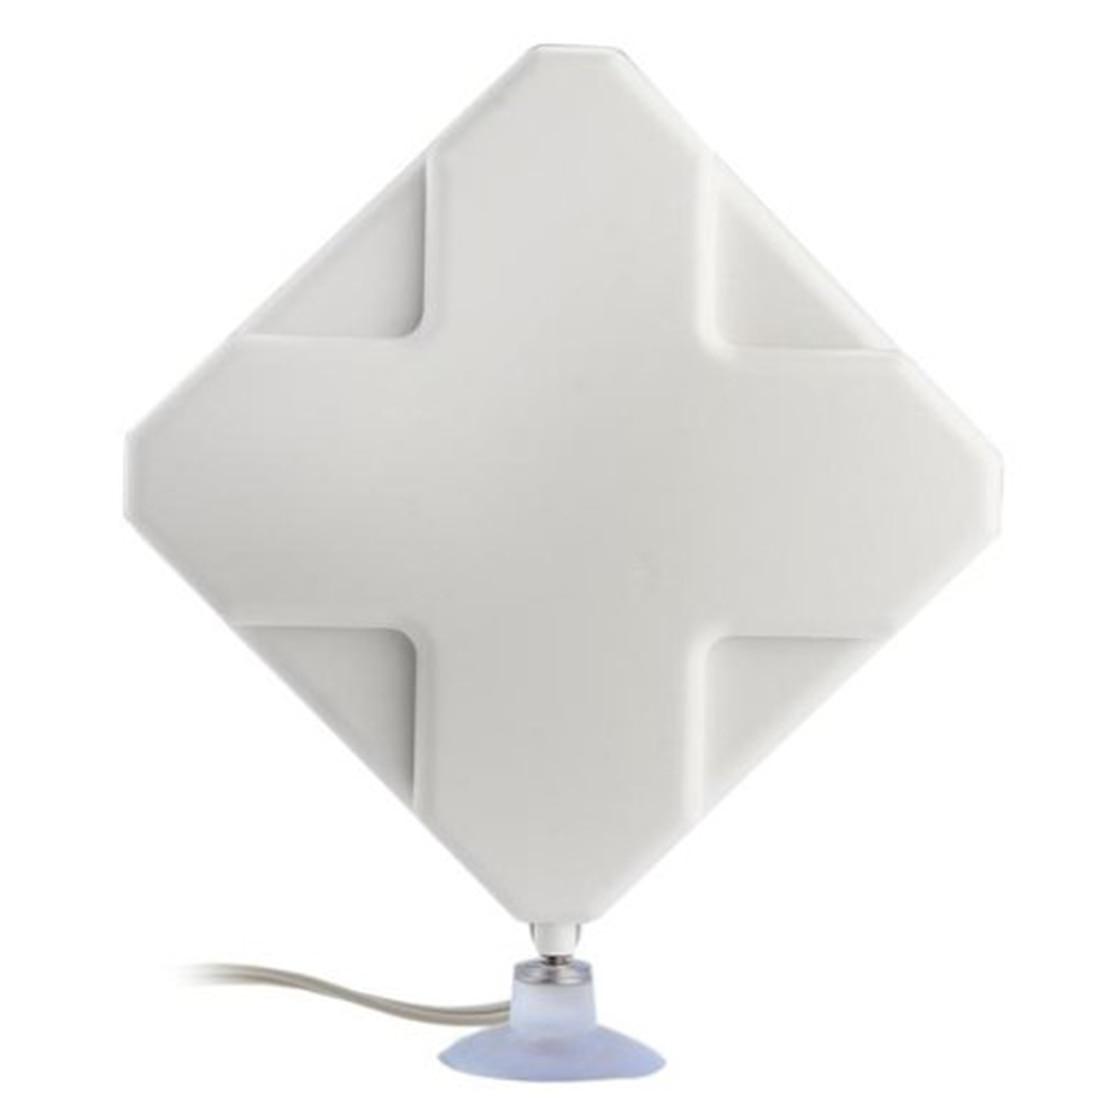 Etmakit 4G antenne CRC9 anschluss 35dBi Breitband Antenne Booster Signalverstärker Für 3G 4G LTE Mobilen